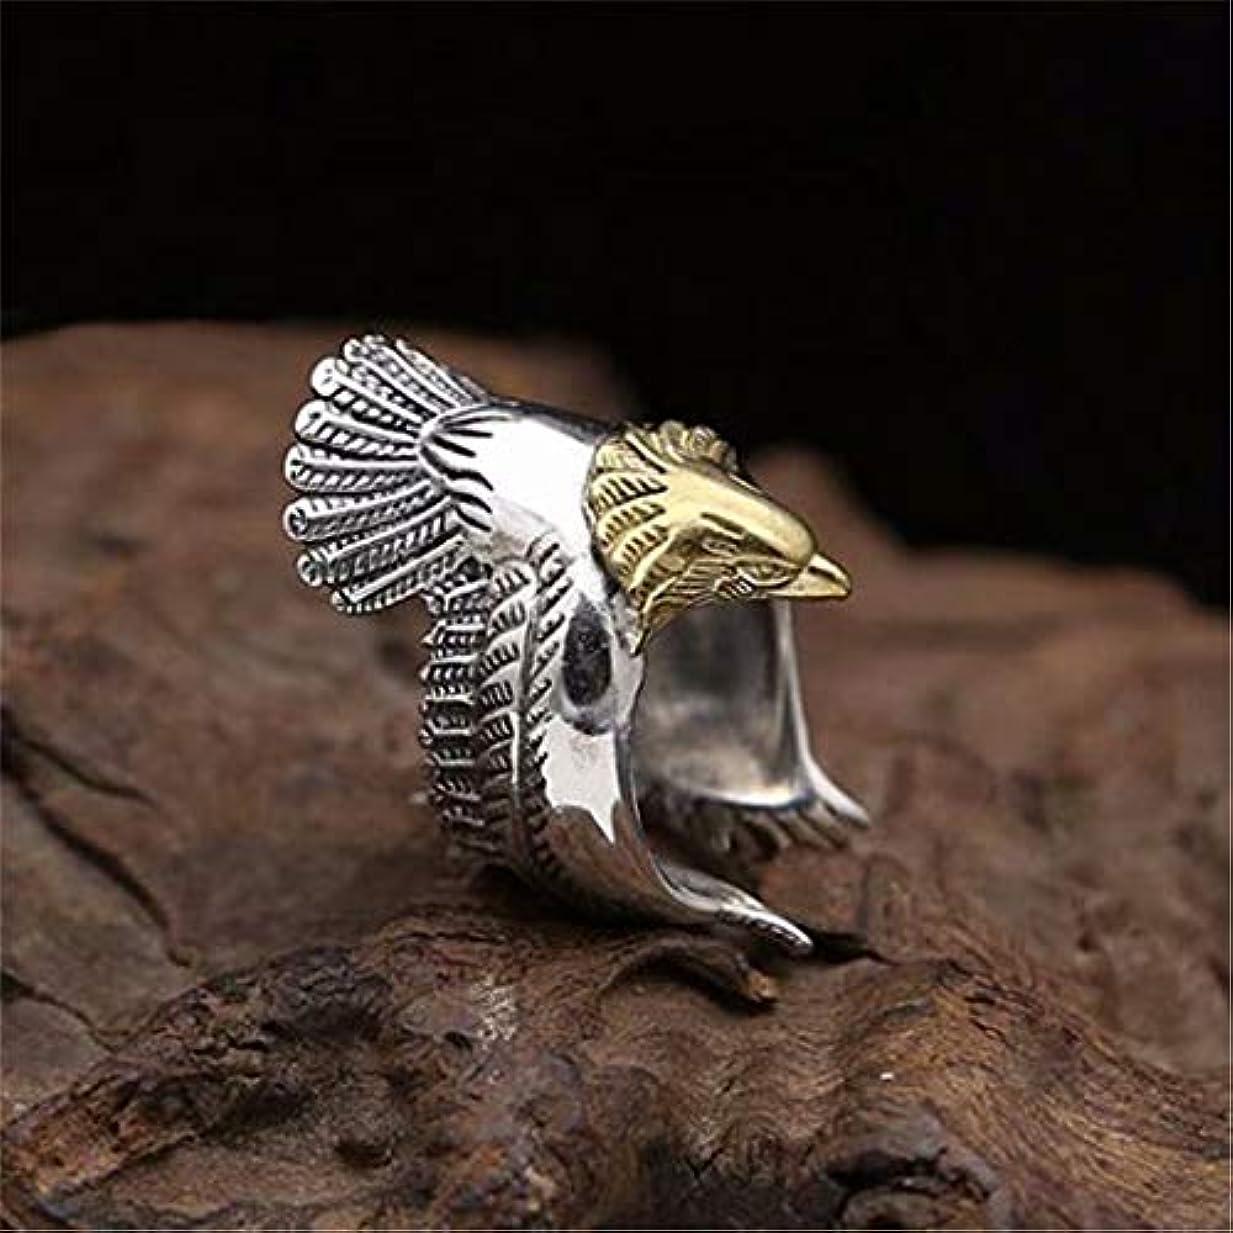 誇大妄想マーキー思われる七里の香 メンズ レディース 男女 兼用 人気 鷲 羽根 フリー サイズ 指輪 1個